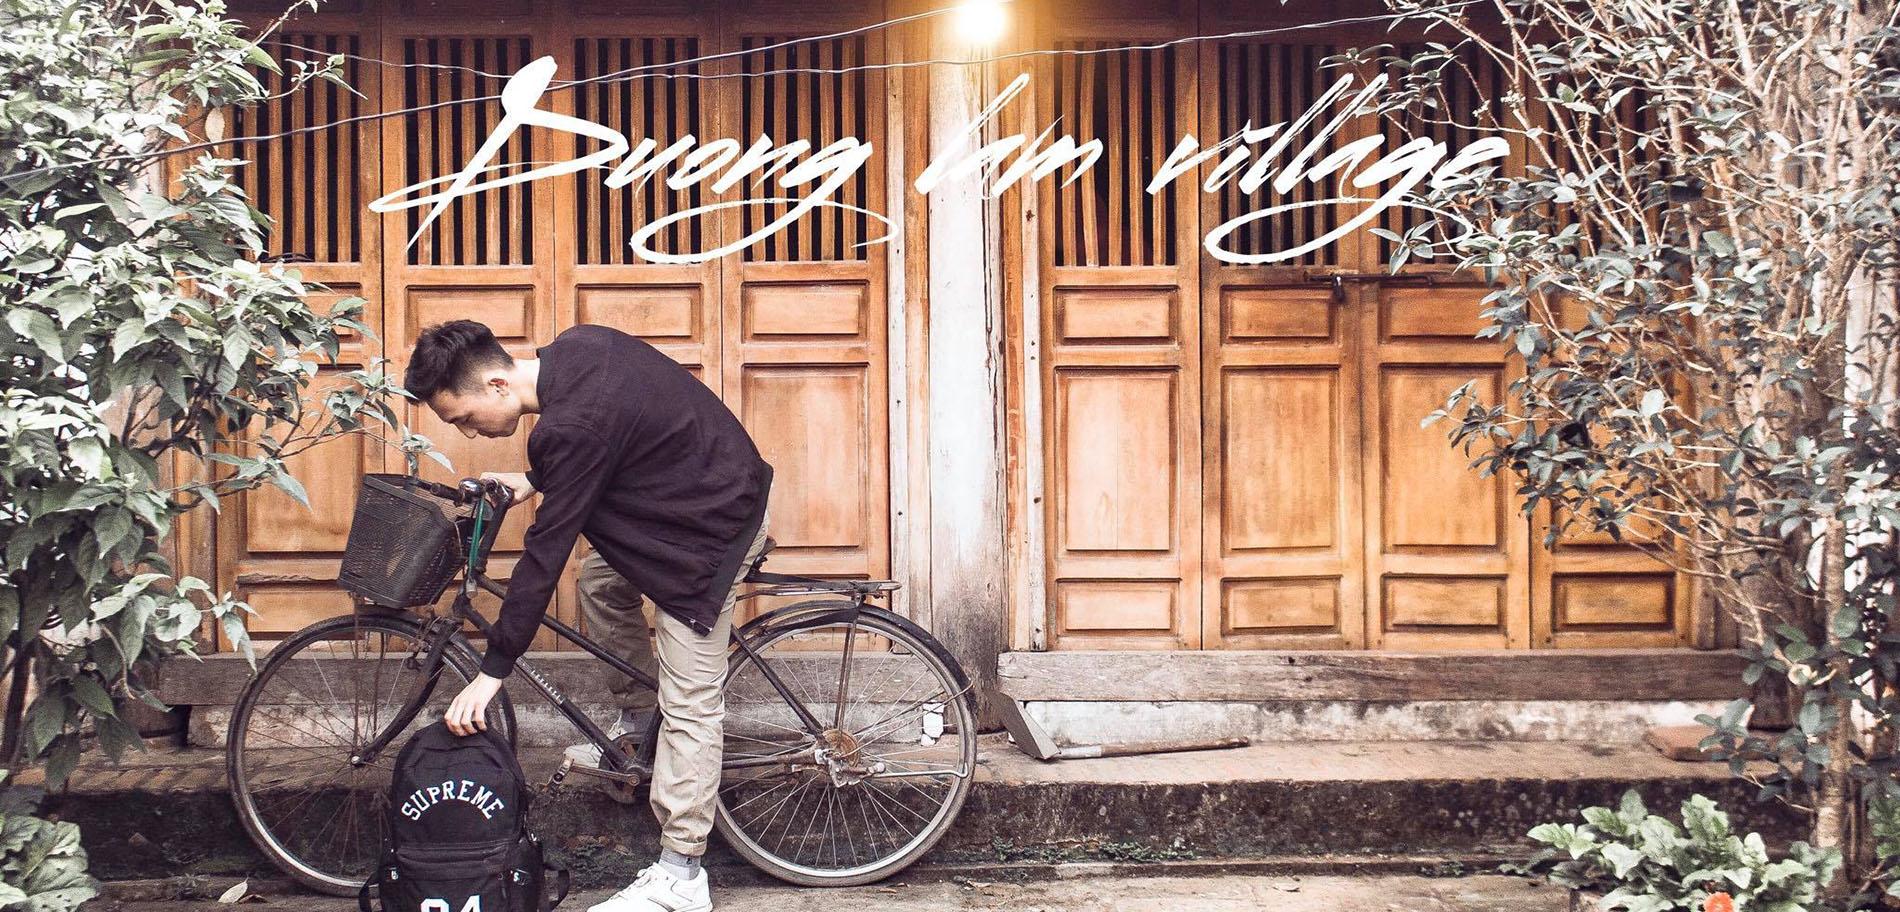 """Checkin-holic: Một vé về tuổi thơ cùng """"Làng cổ Đường Lâm"""" - Phạm Văn Minh"""